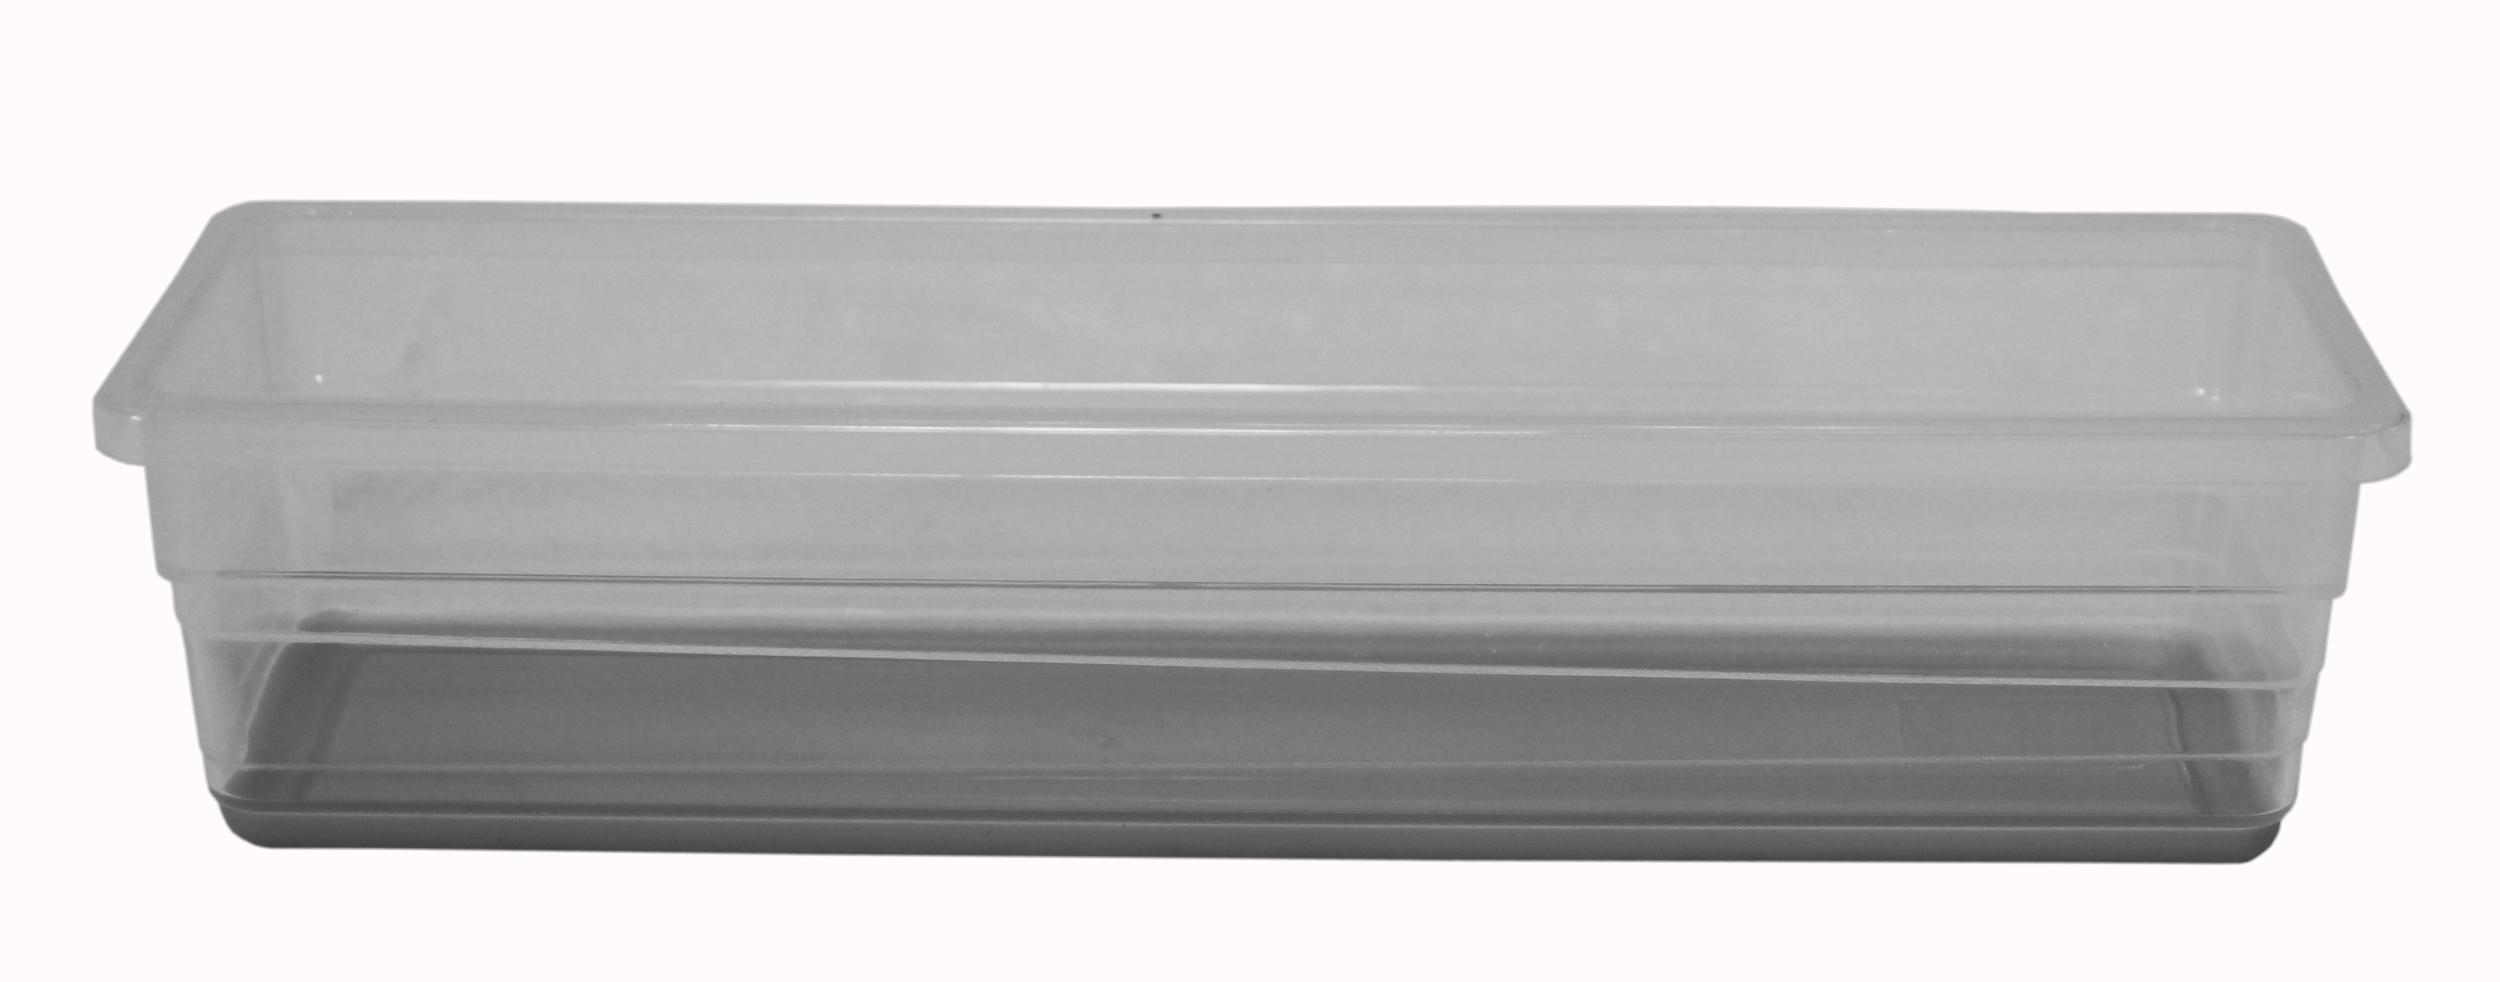 ondis24 schubladeneinsatz sistemo 4 g nstig online kaufen. Black Bedroom Furniture Sets. Home Design Ideas